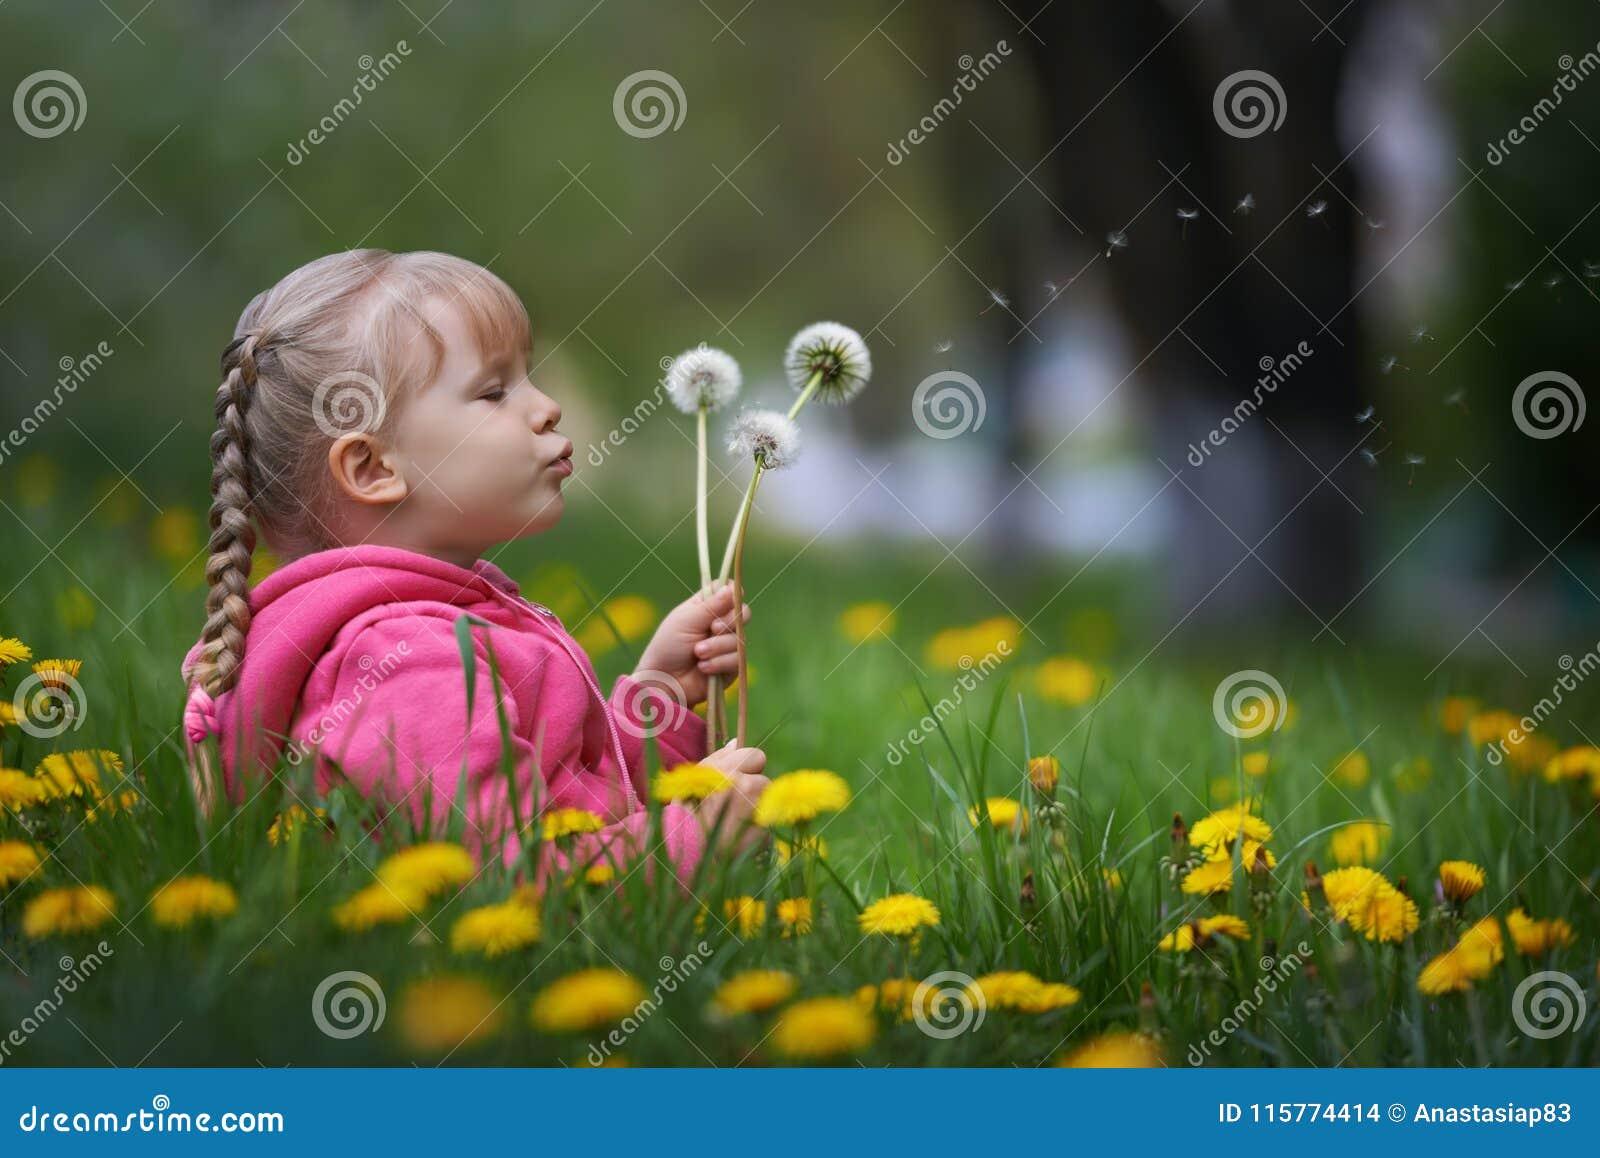 Magiczny niewidziany dandelion cios